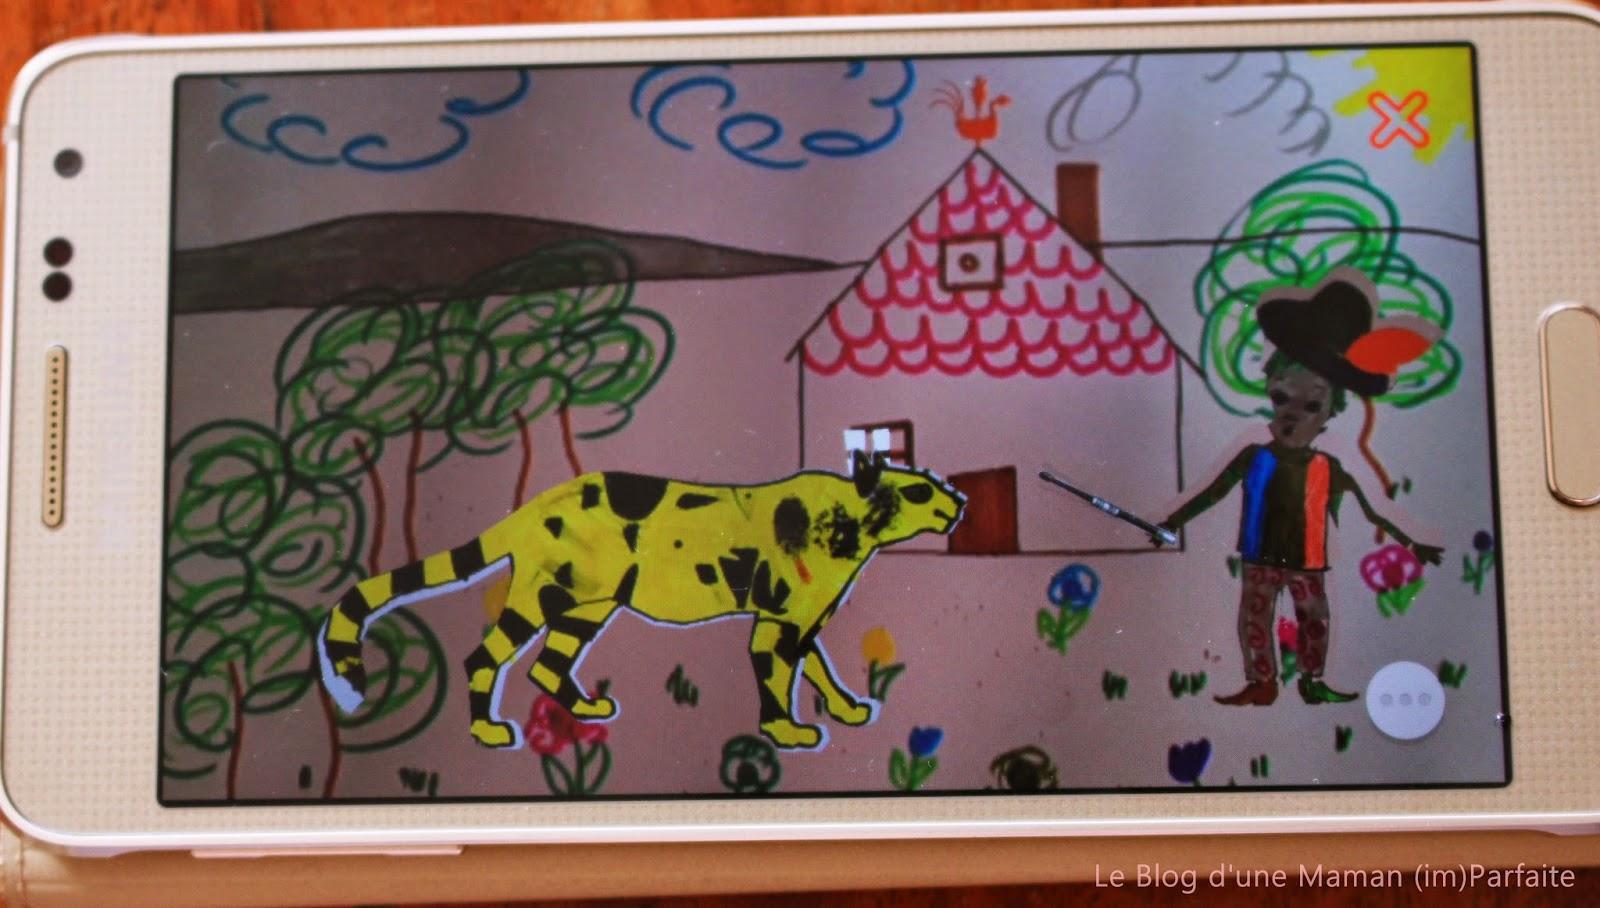 Cahier De Coloriage Animé - Avec le cahier de dessin animé, les coloriages prennent vie